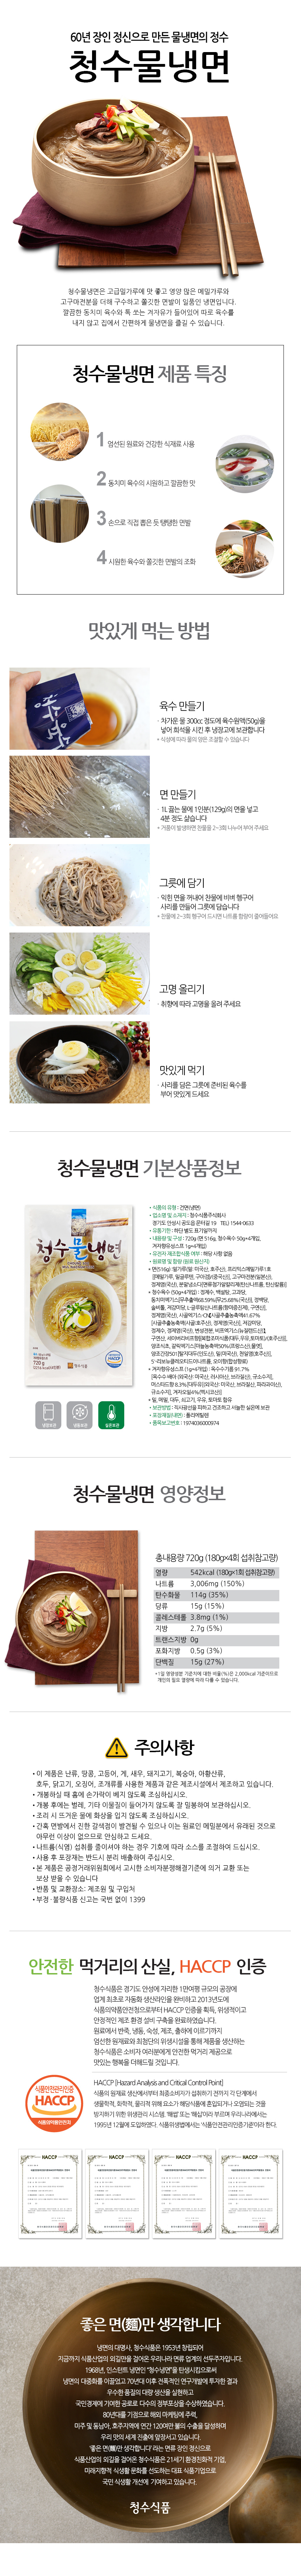 Choung Soo Mul Naengmyeon (Korean Cold Noodle) 25.40oz(720g)